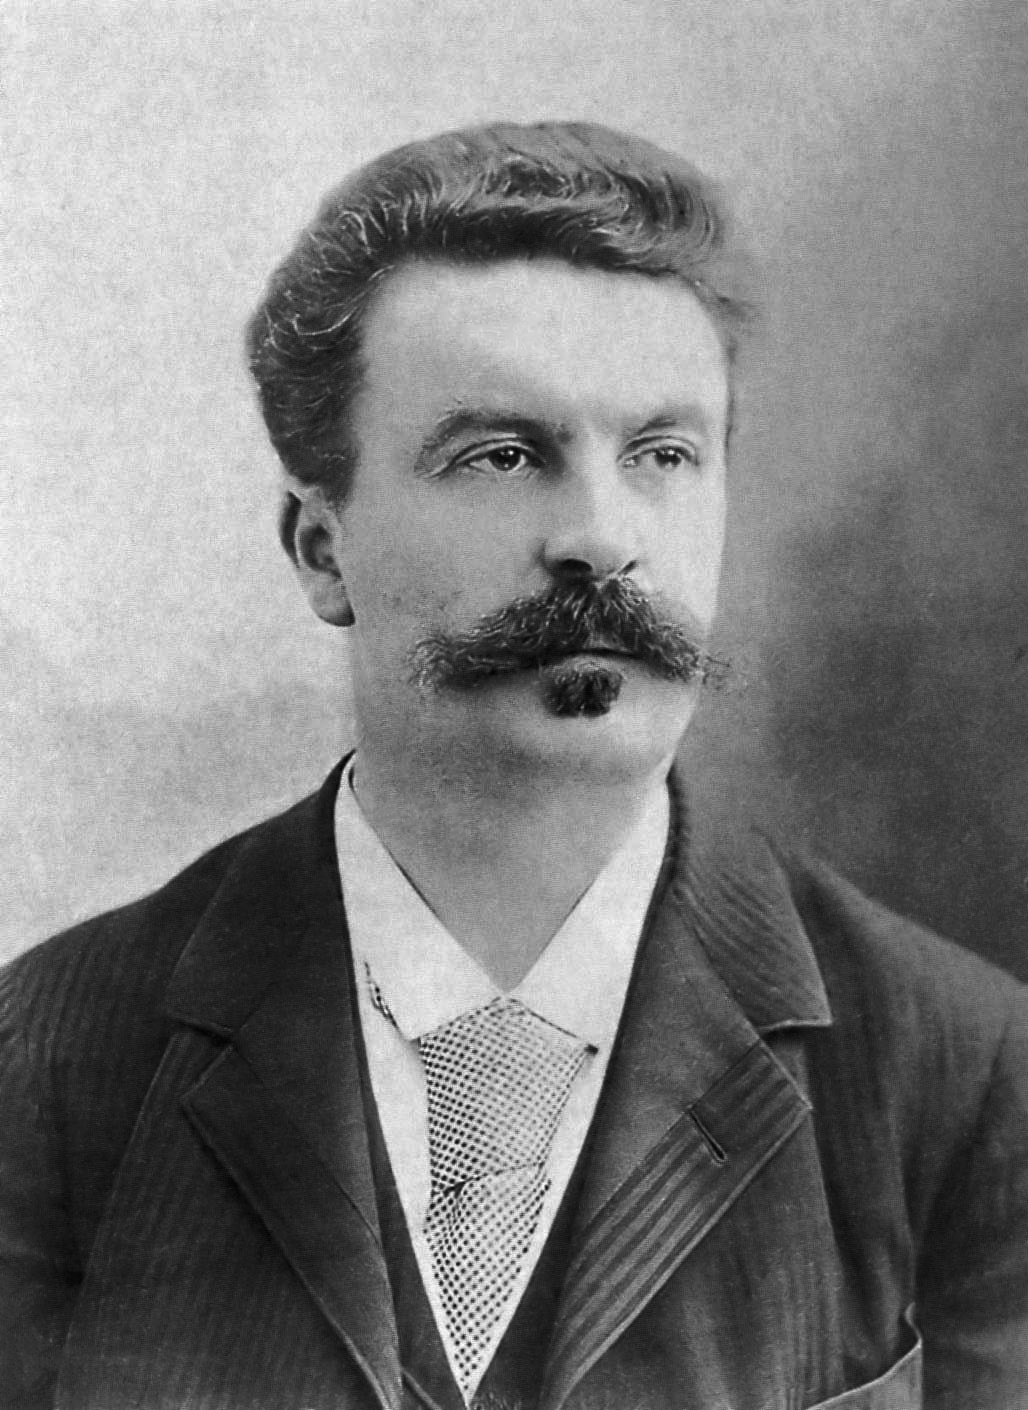 guy-de-maupassant-fotograferad-av-f-lix-nadar-1888.jpg